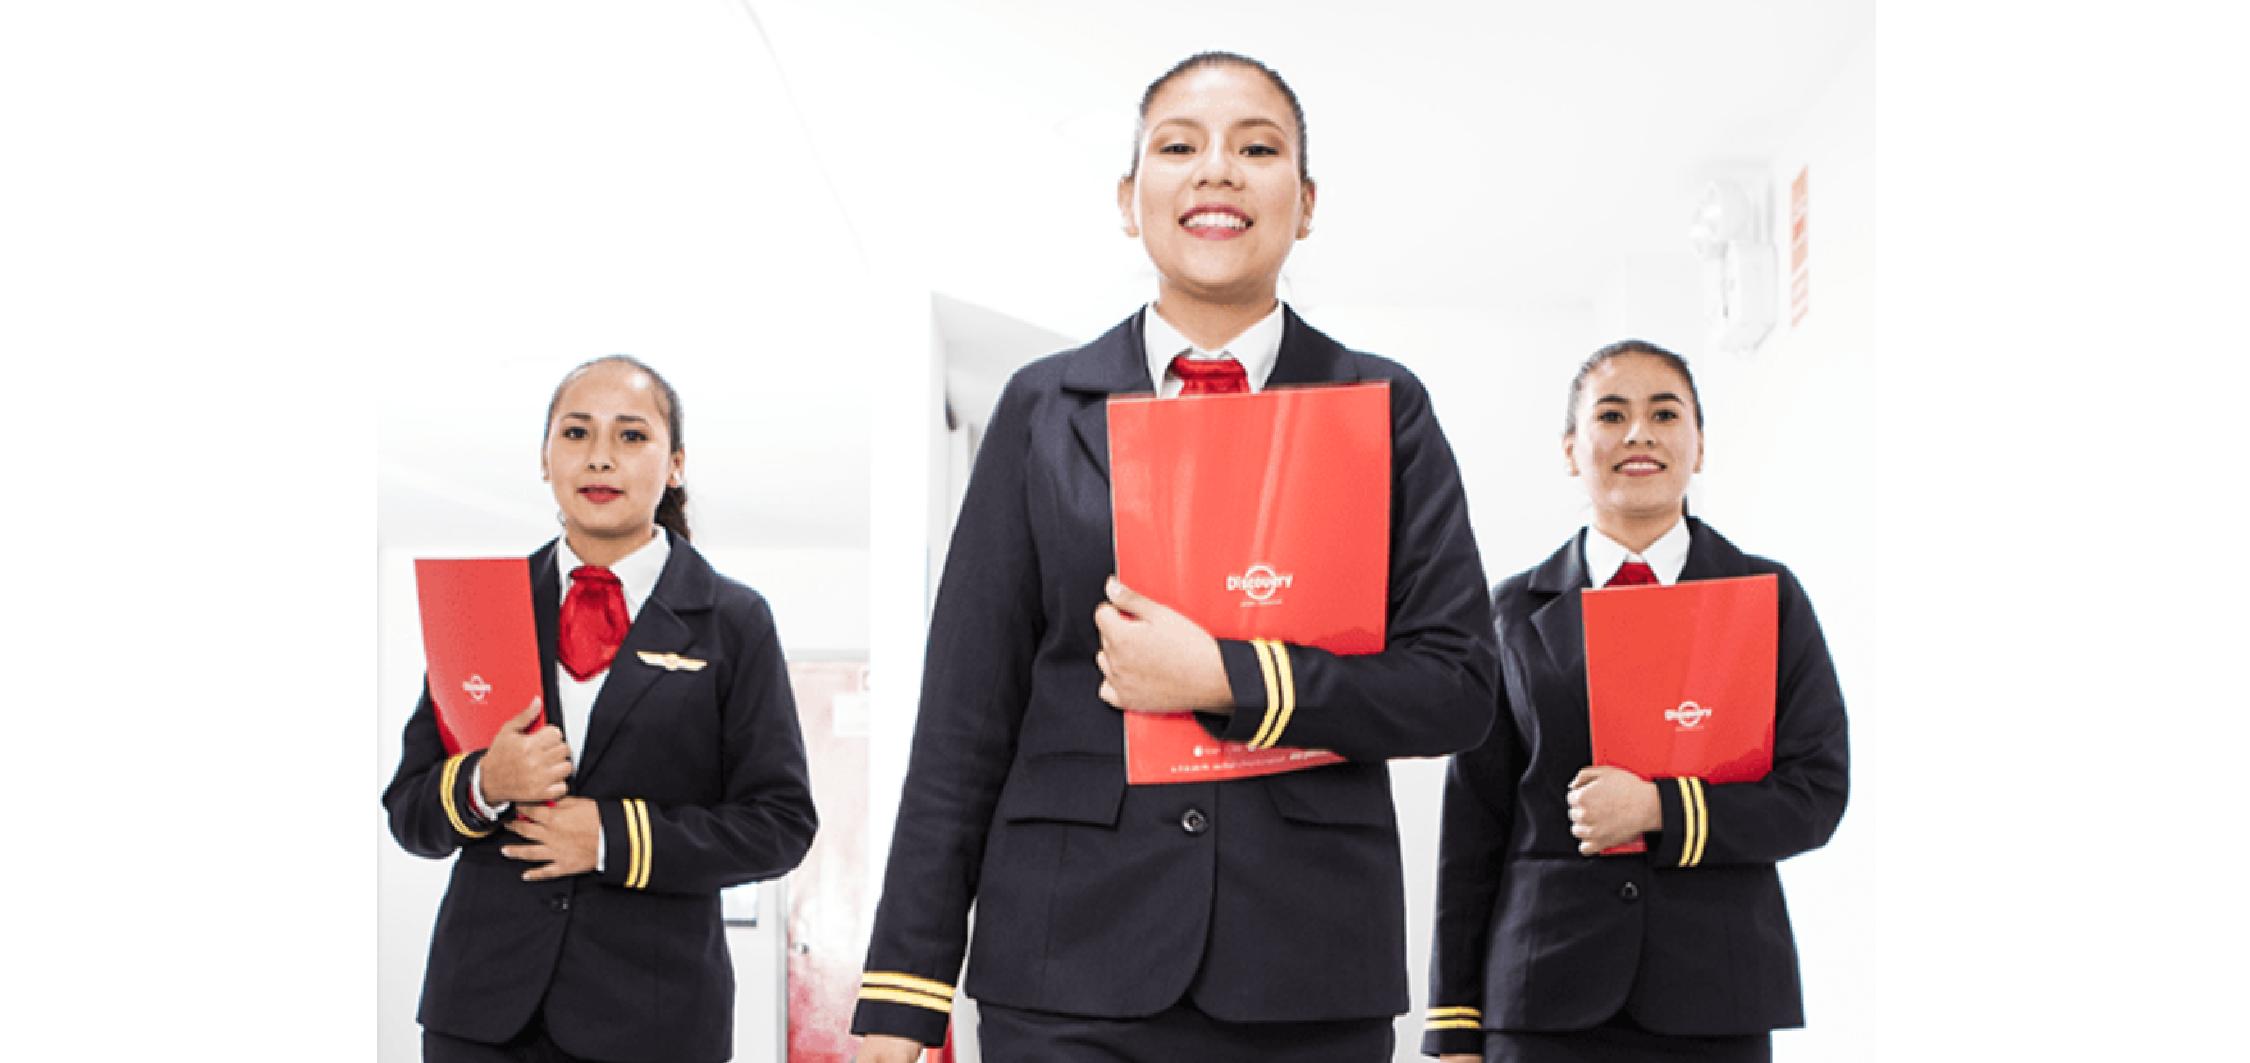 tripulante-cabina-portada 6 Cualidades generales de un tripulante de cabina